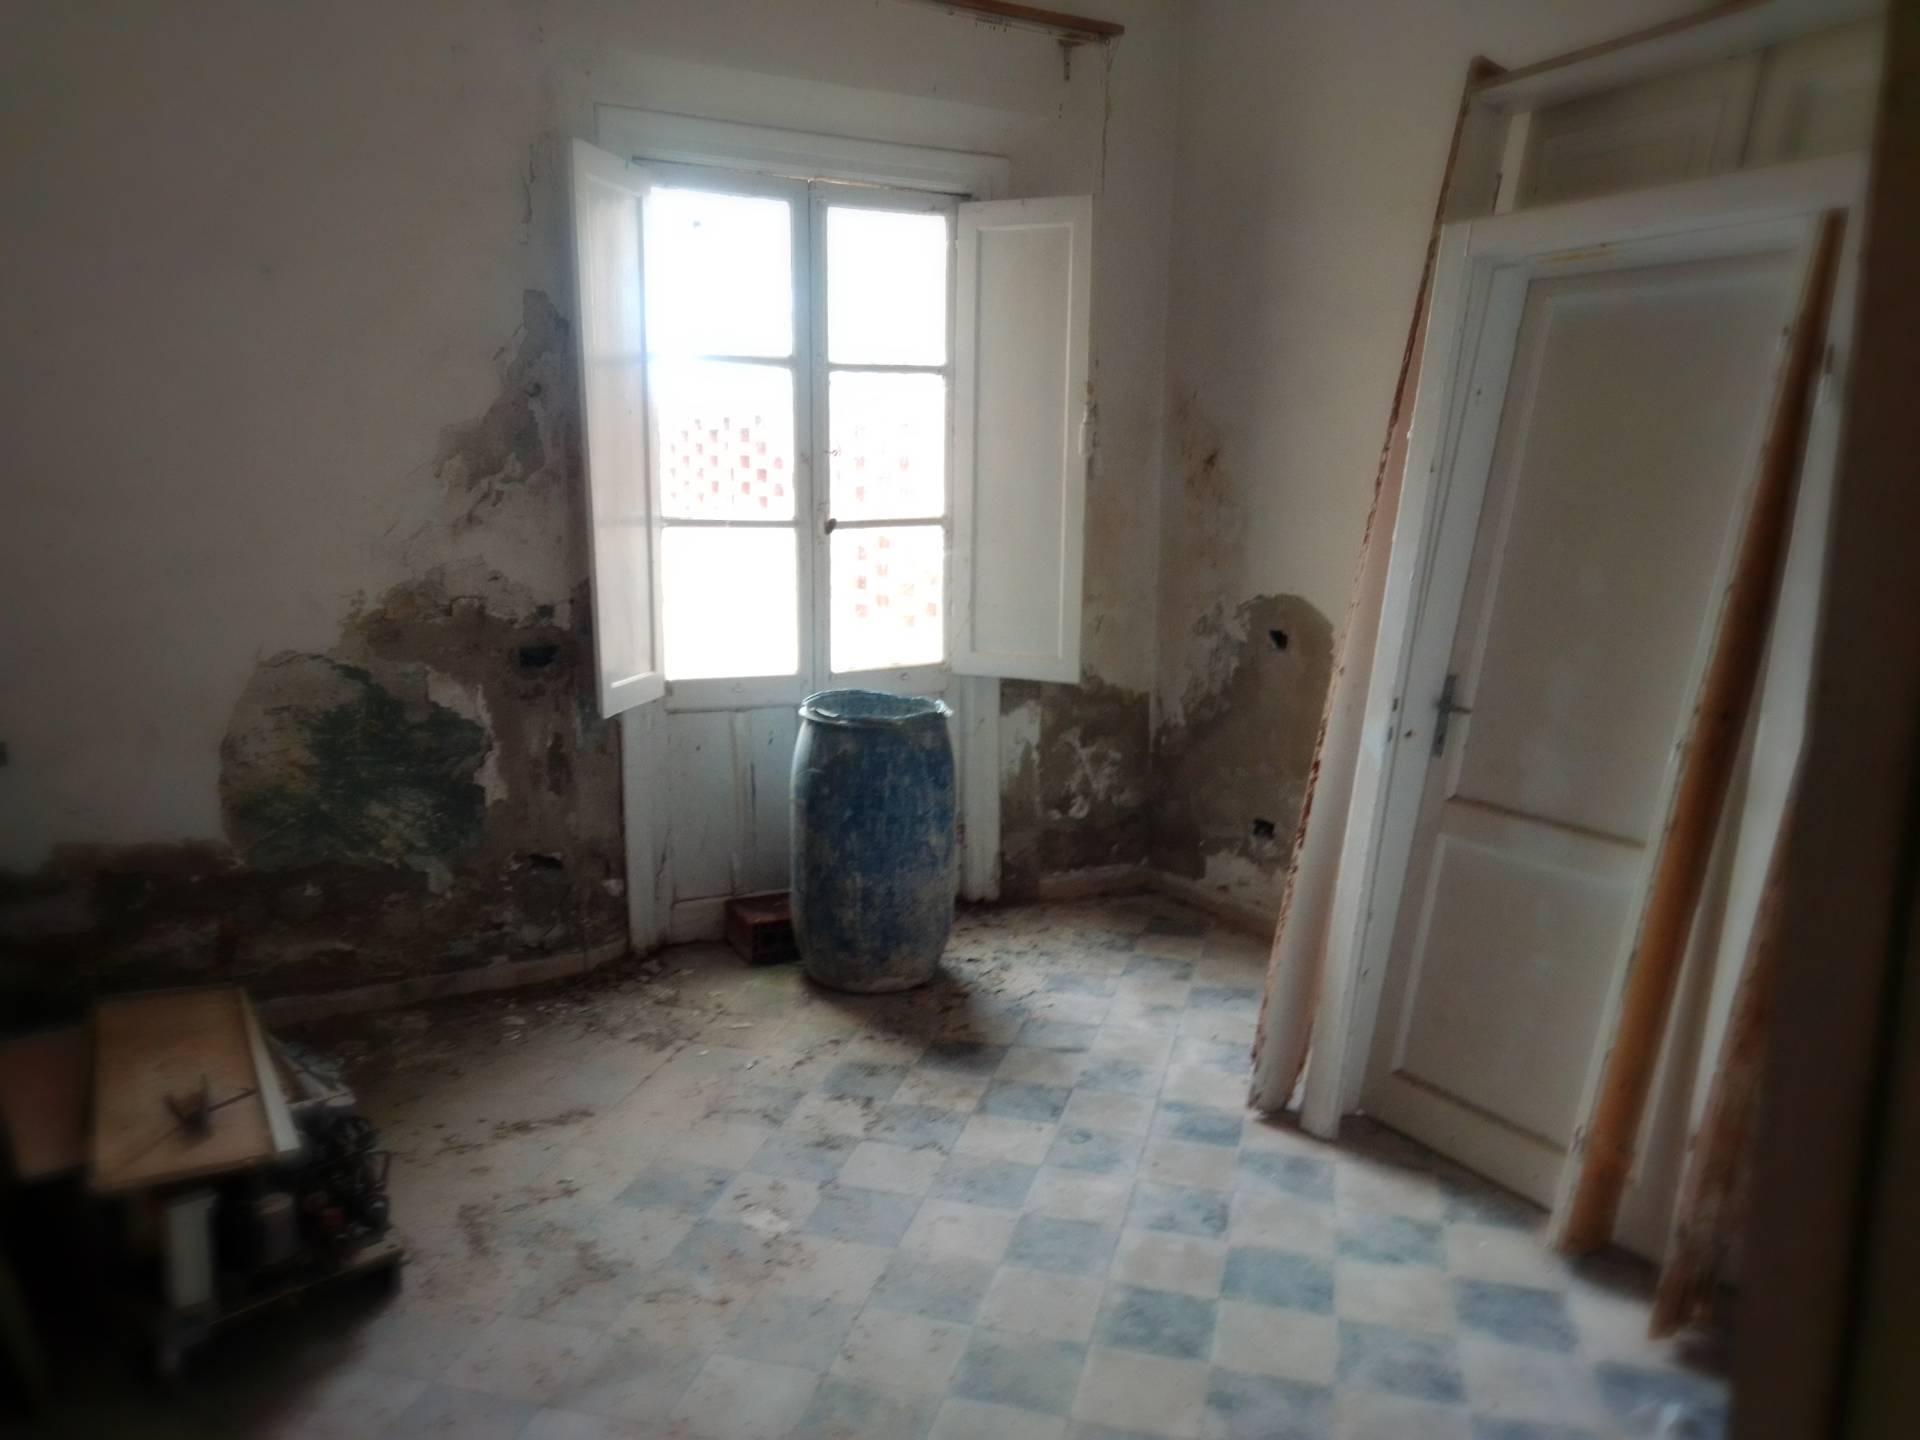 Appartamento in vendita a Palaia, 4 locali, zona efoscoli, prezzo € 100.000 | PortaleAgenzieImmobiliari.it